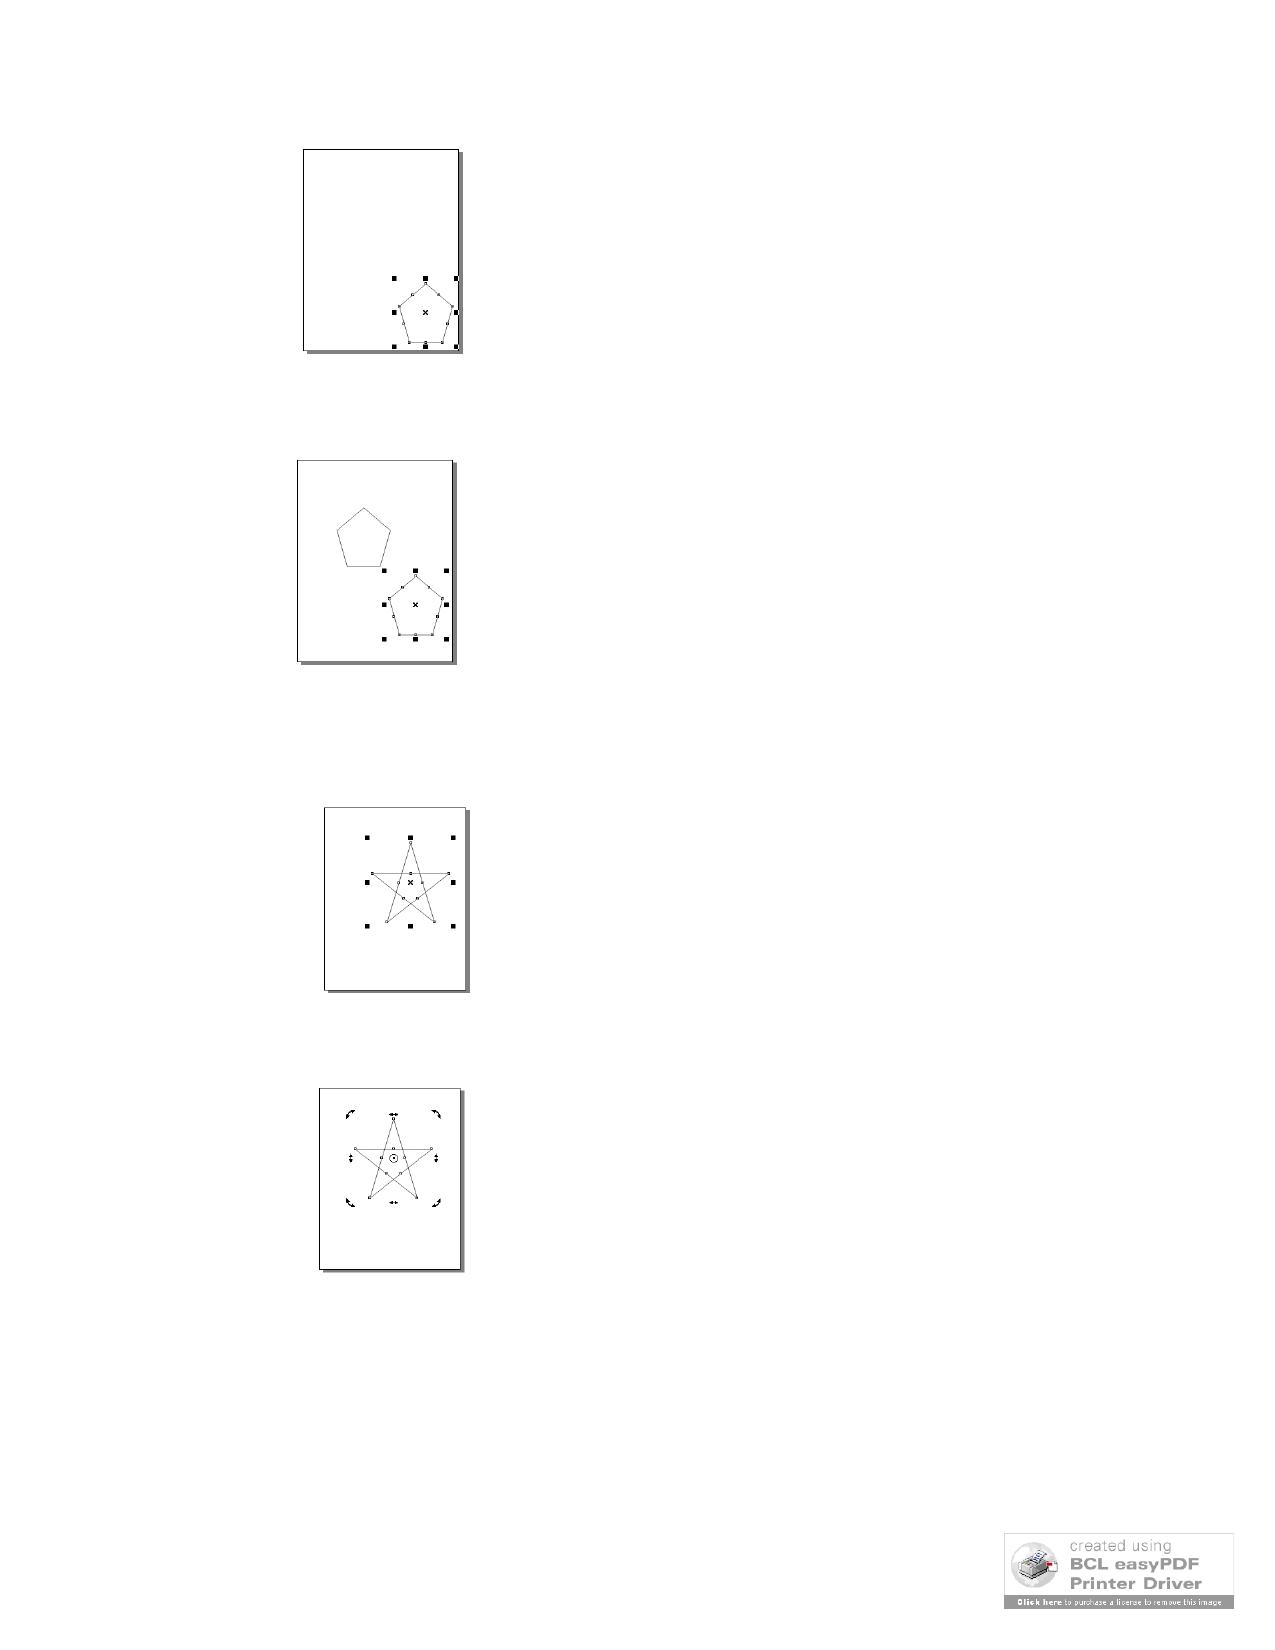 Panduan Belajar Corel Draw 12